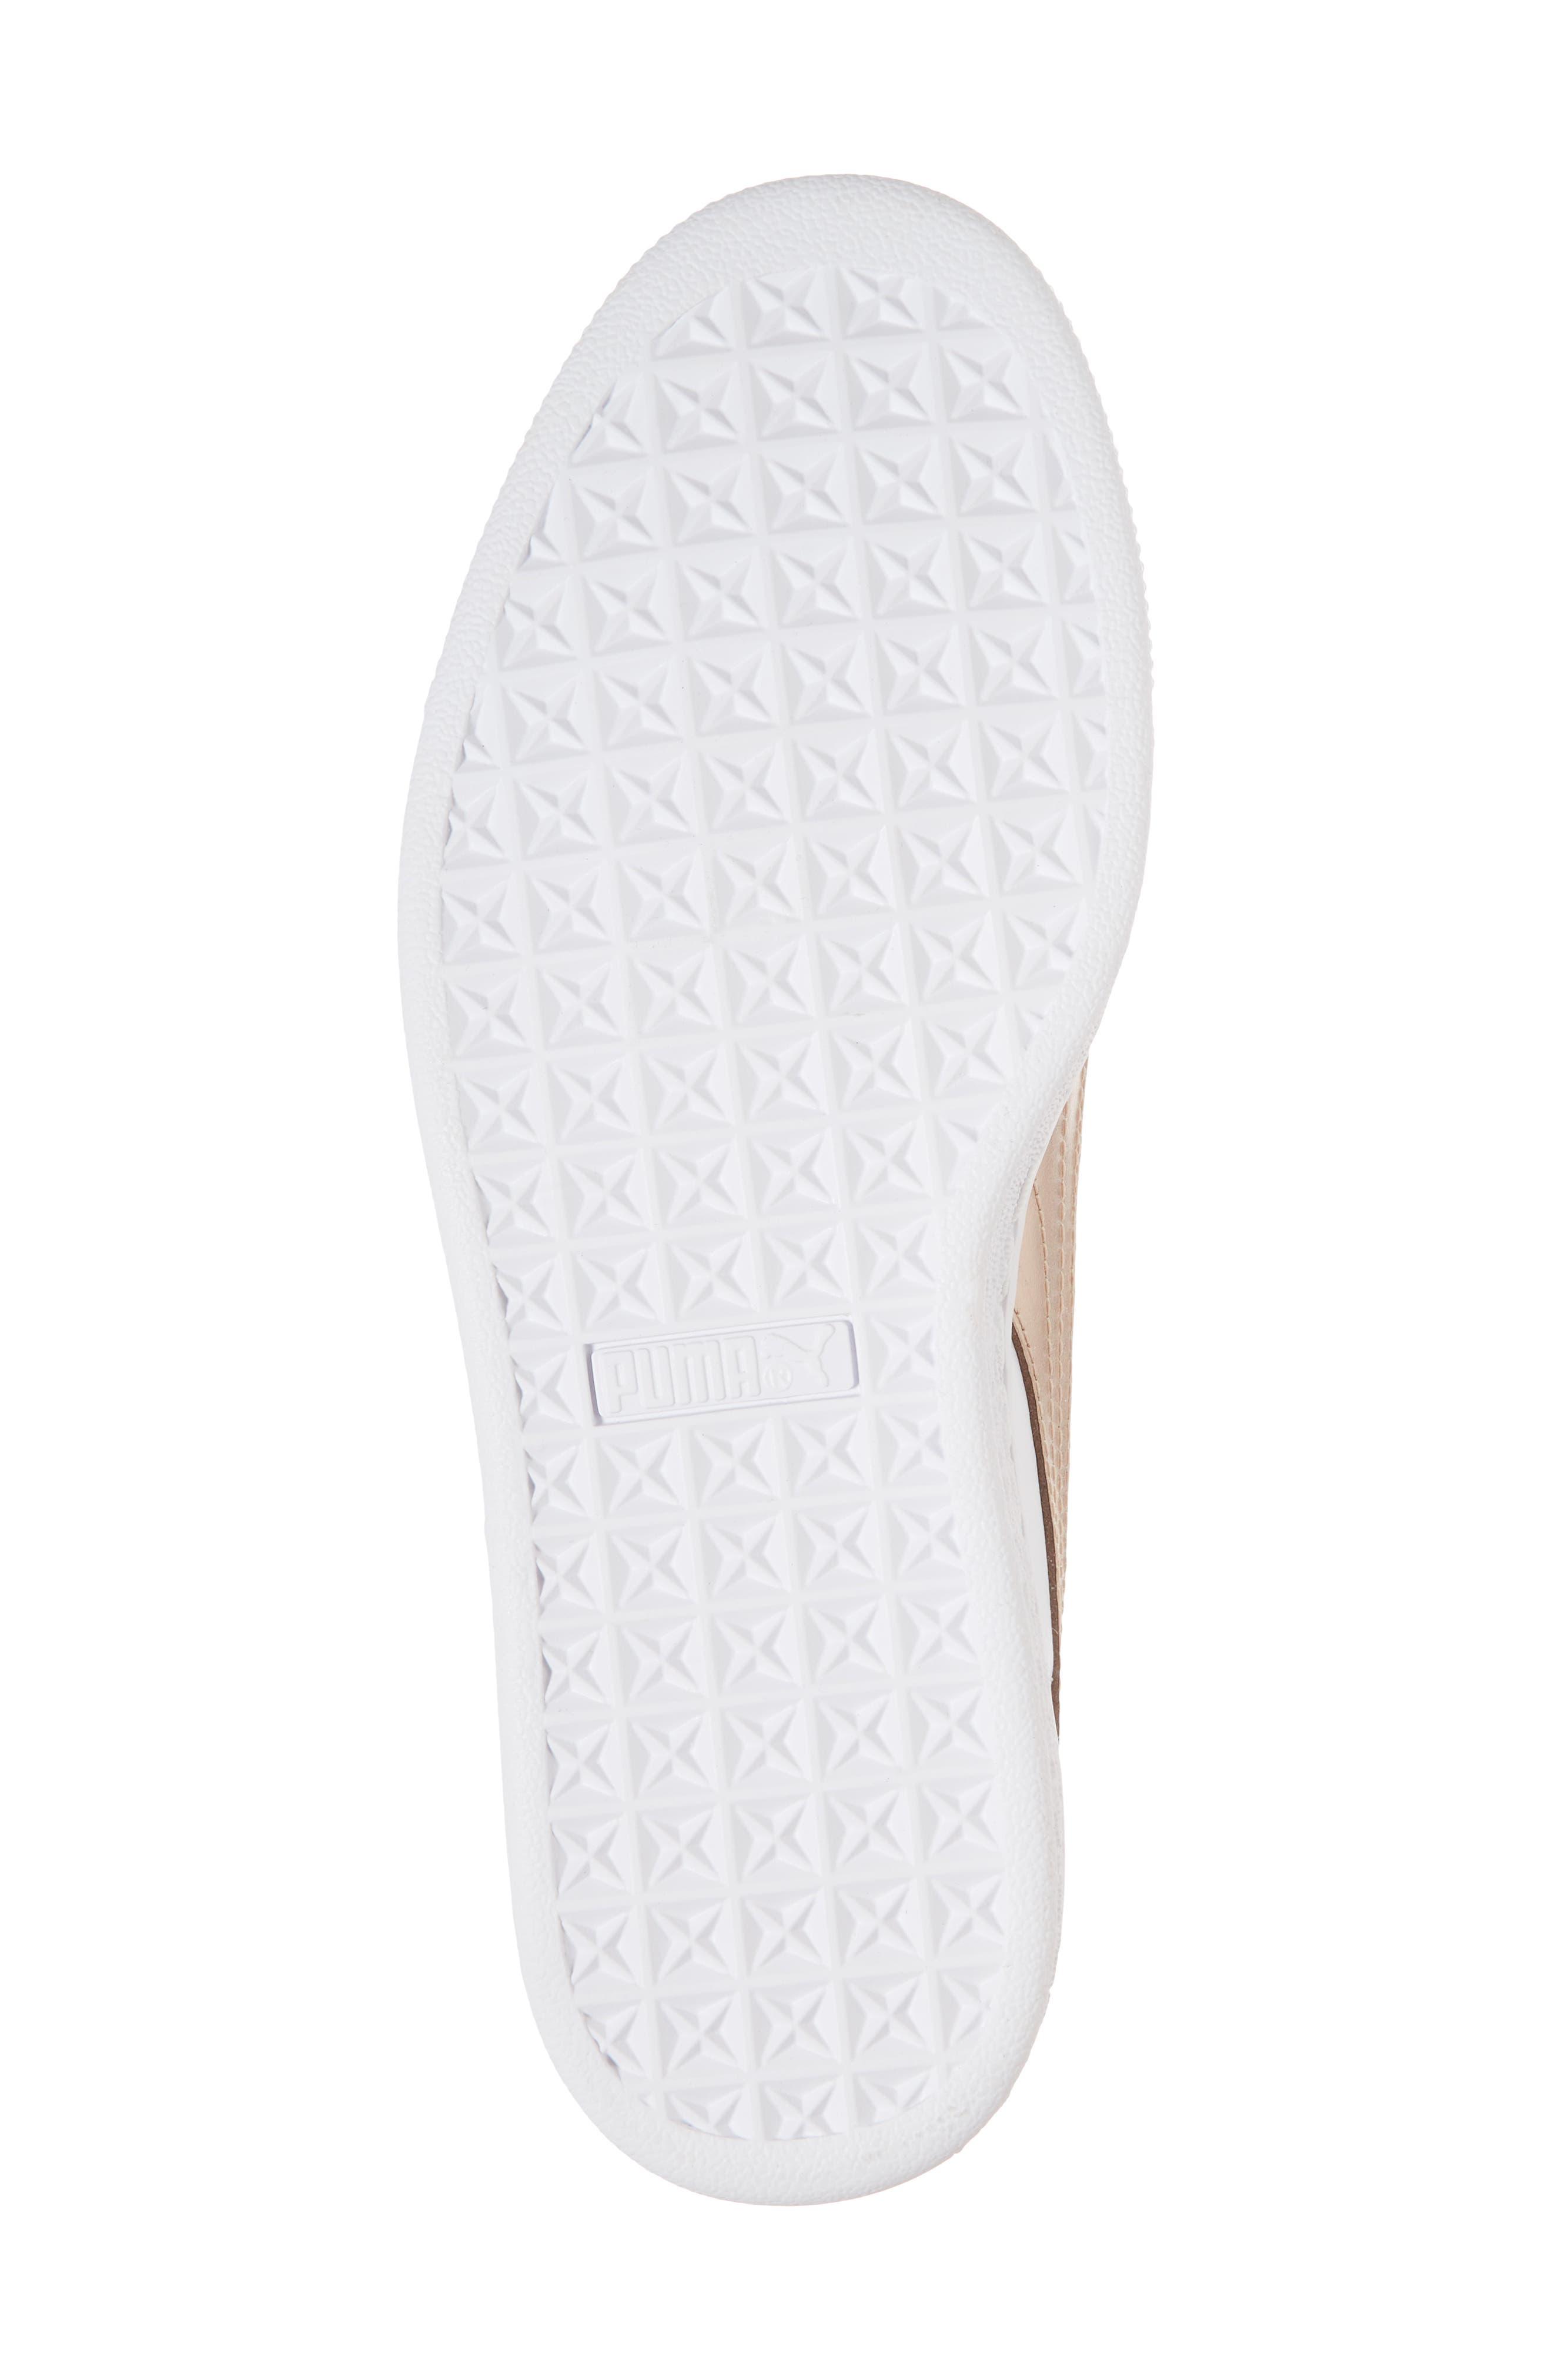 Basket Heart Sneaker,                             Alternate thumbnail 6, color,                             WHITE/ ROSE GOLD LEATHER